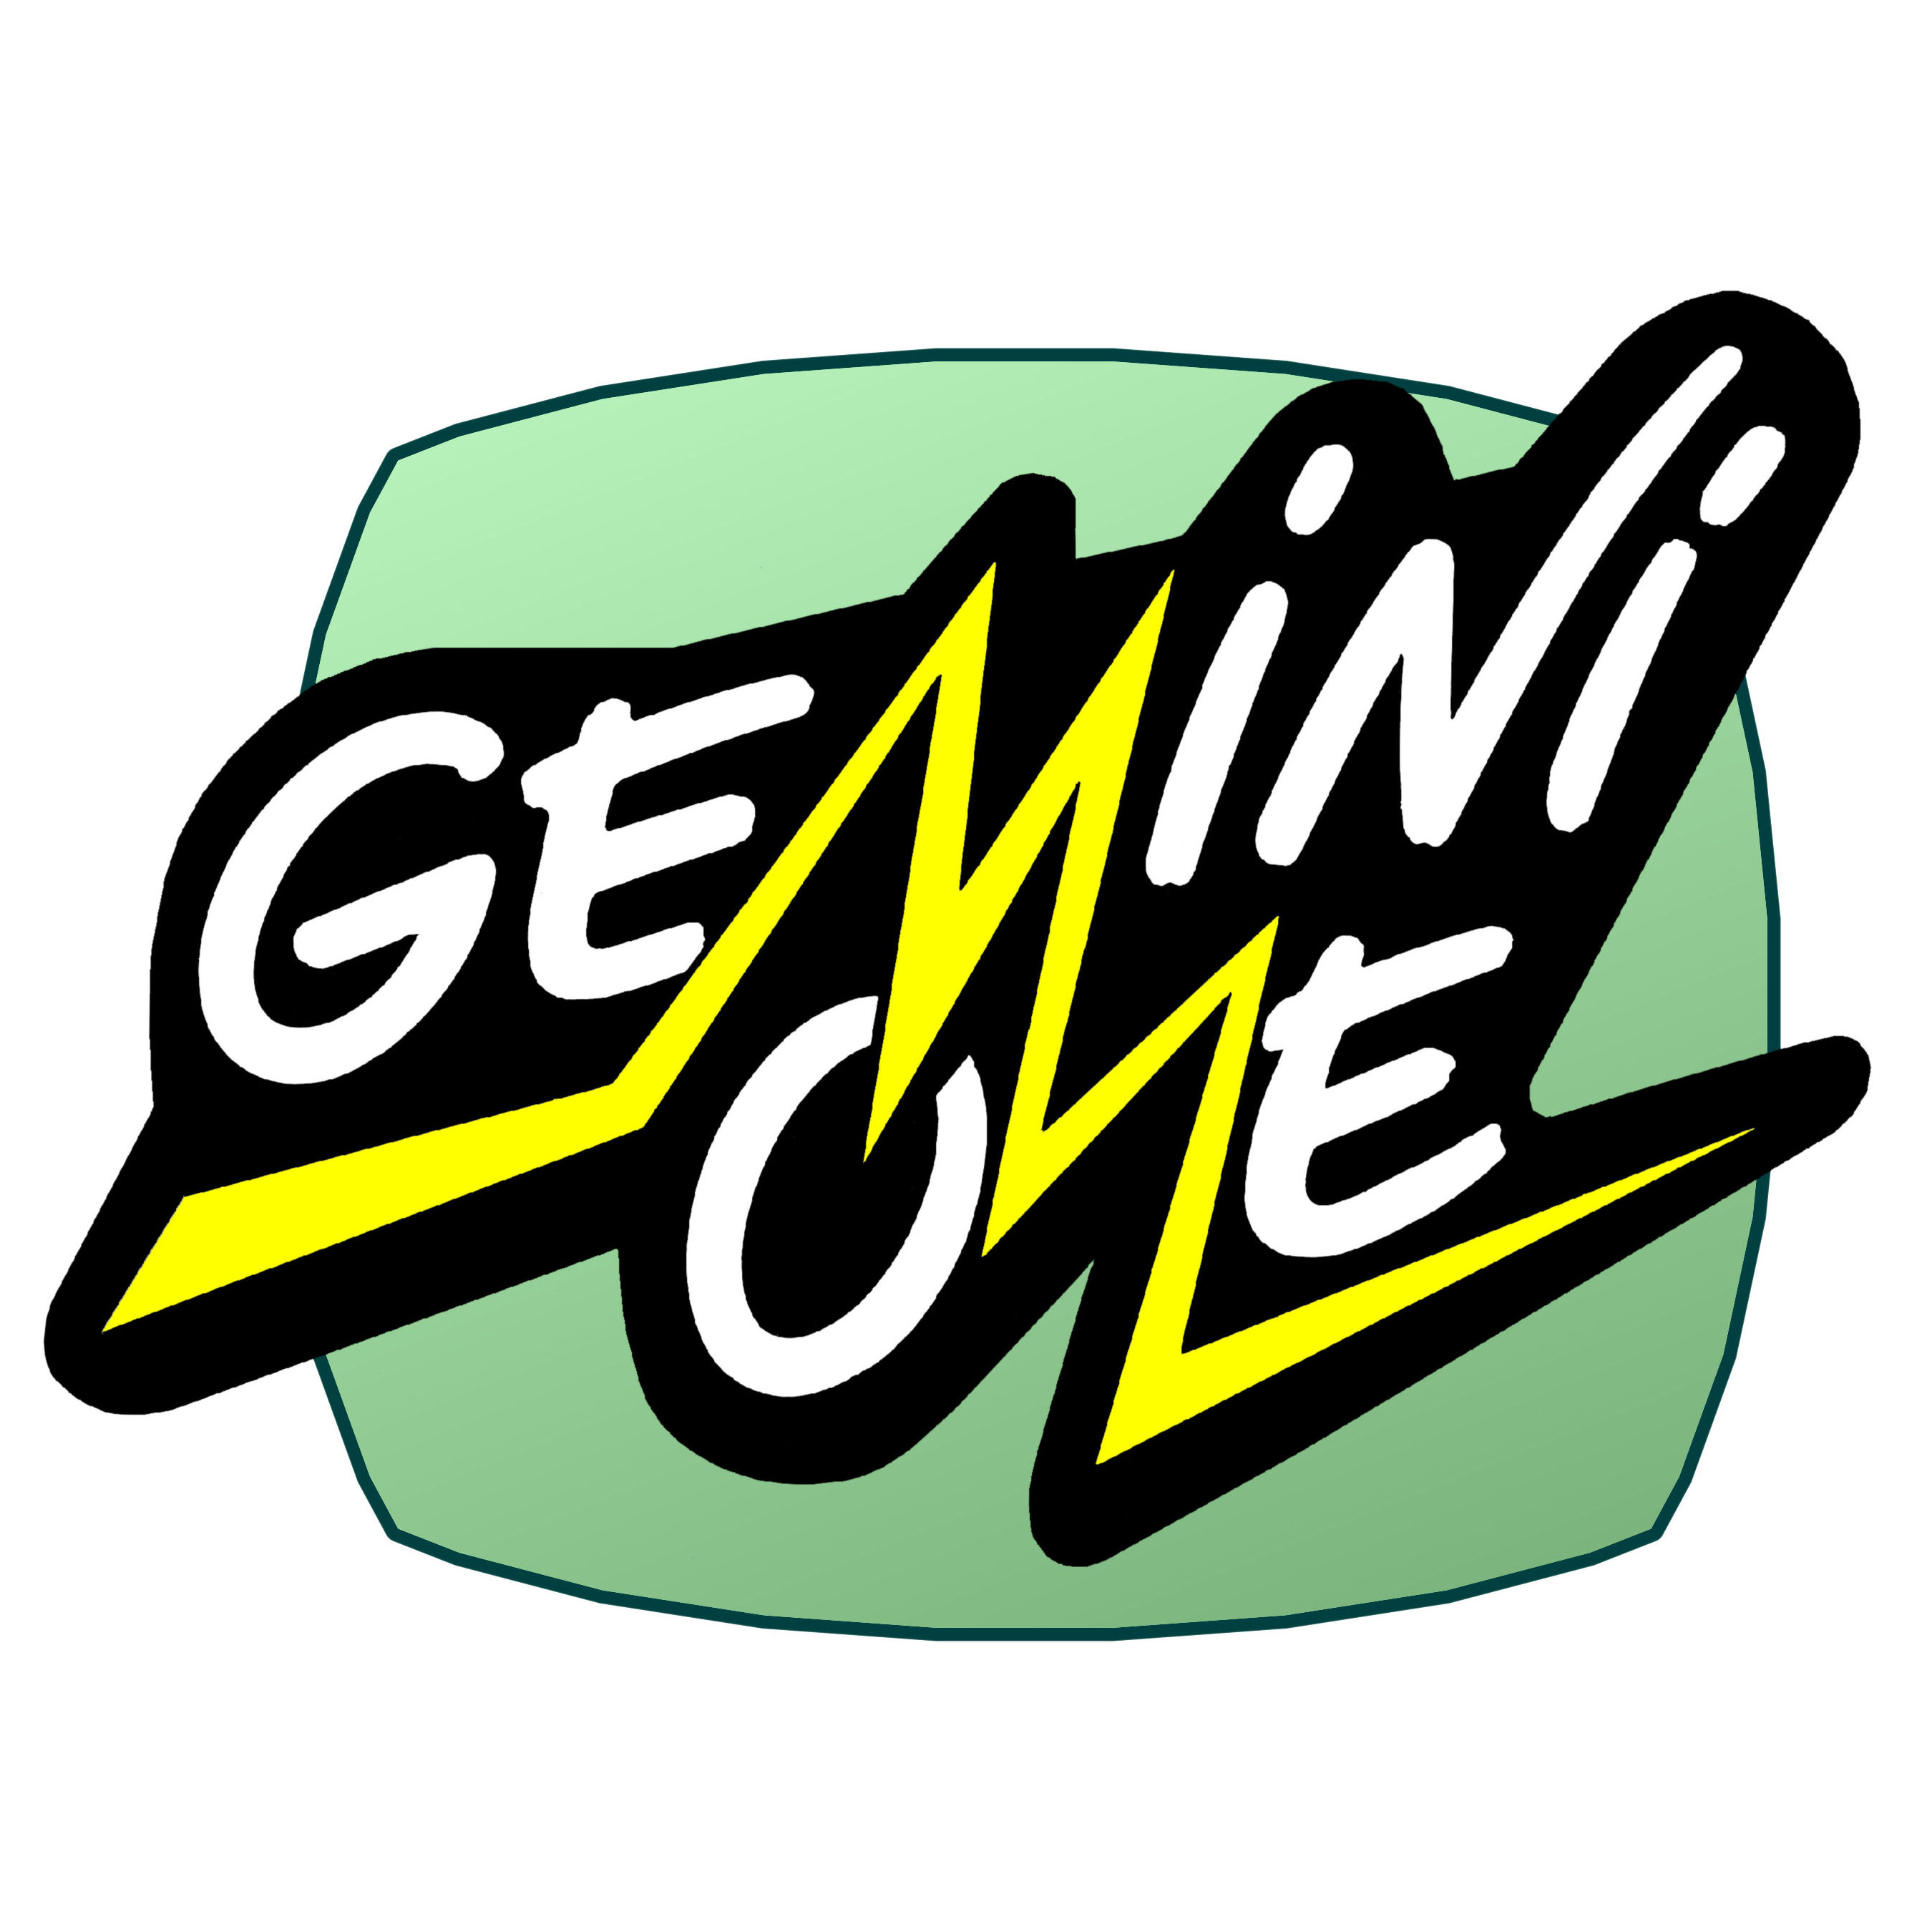 Radio Gemini One